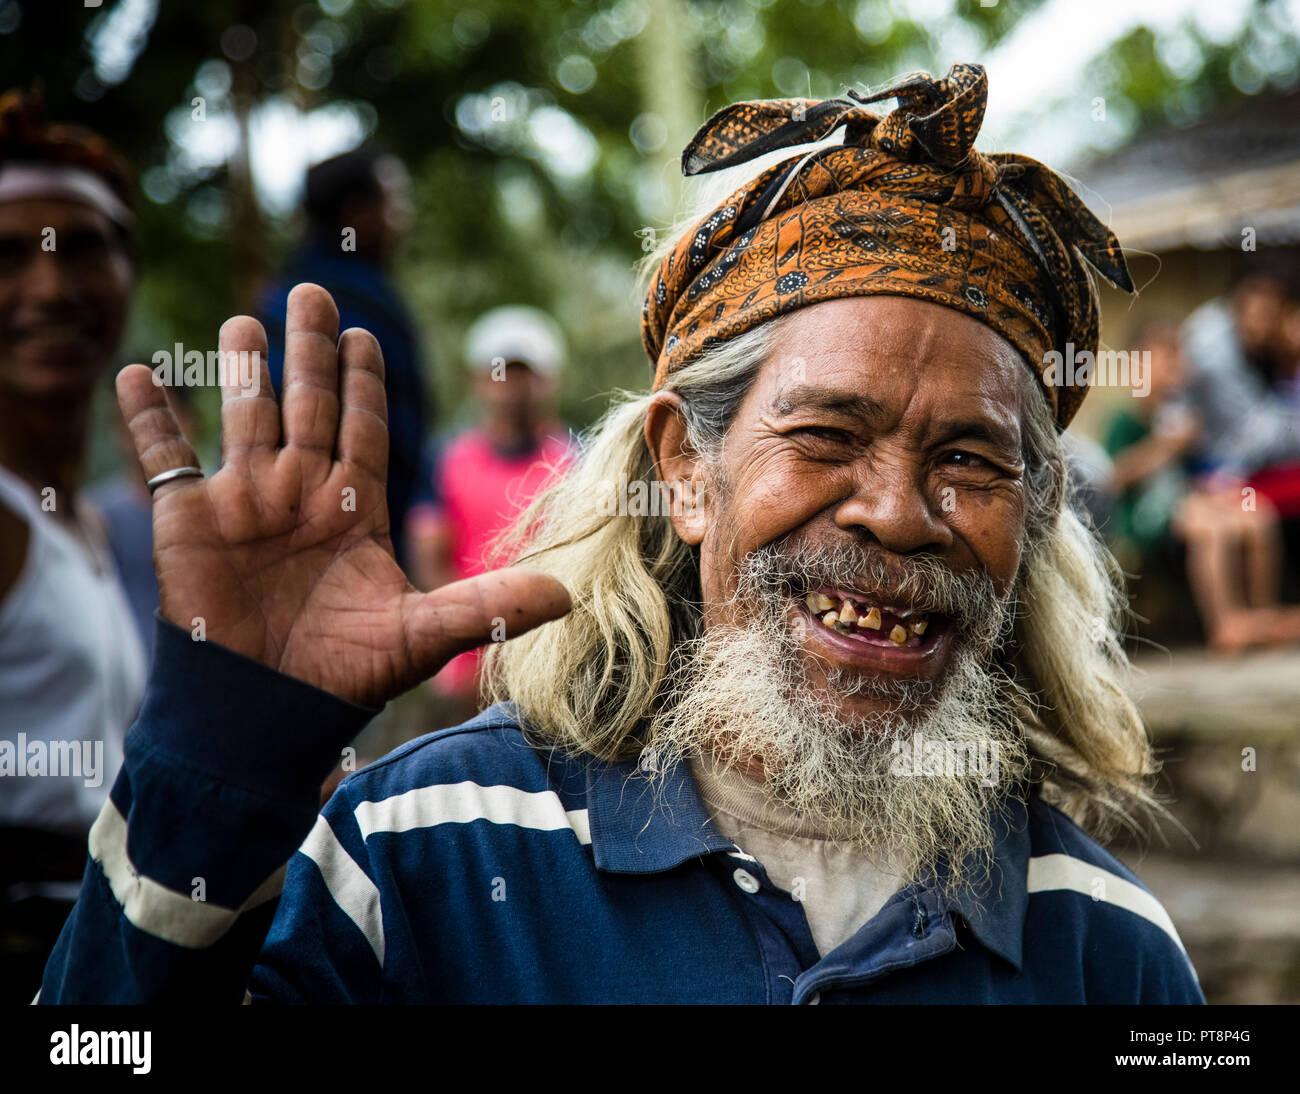 Humorous exchange between cultures, Sunda Islands, Indonesia Stock Photo